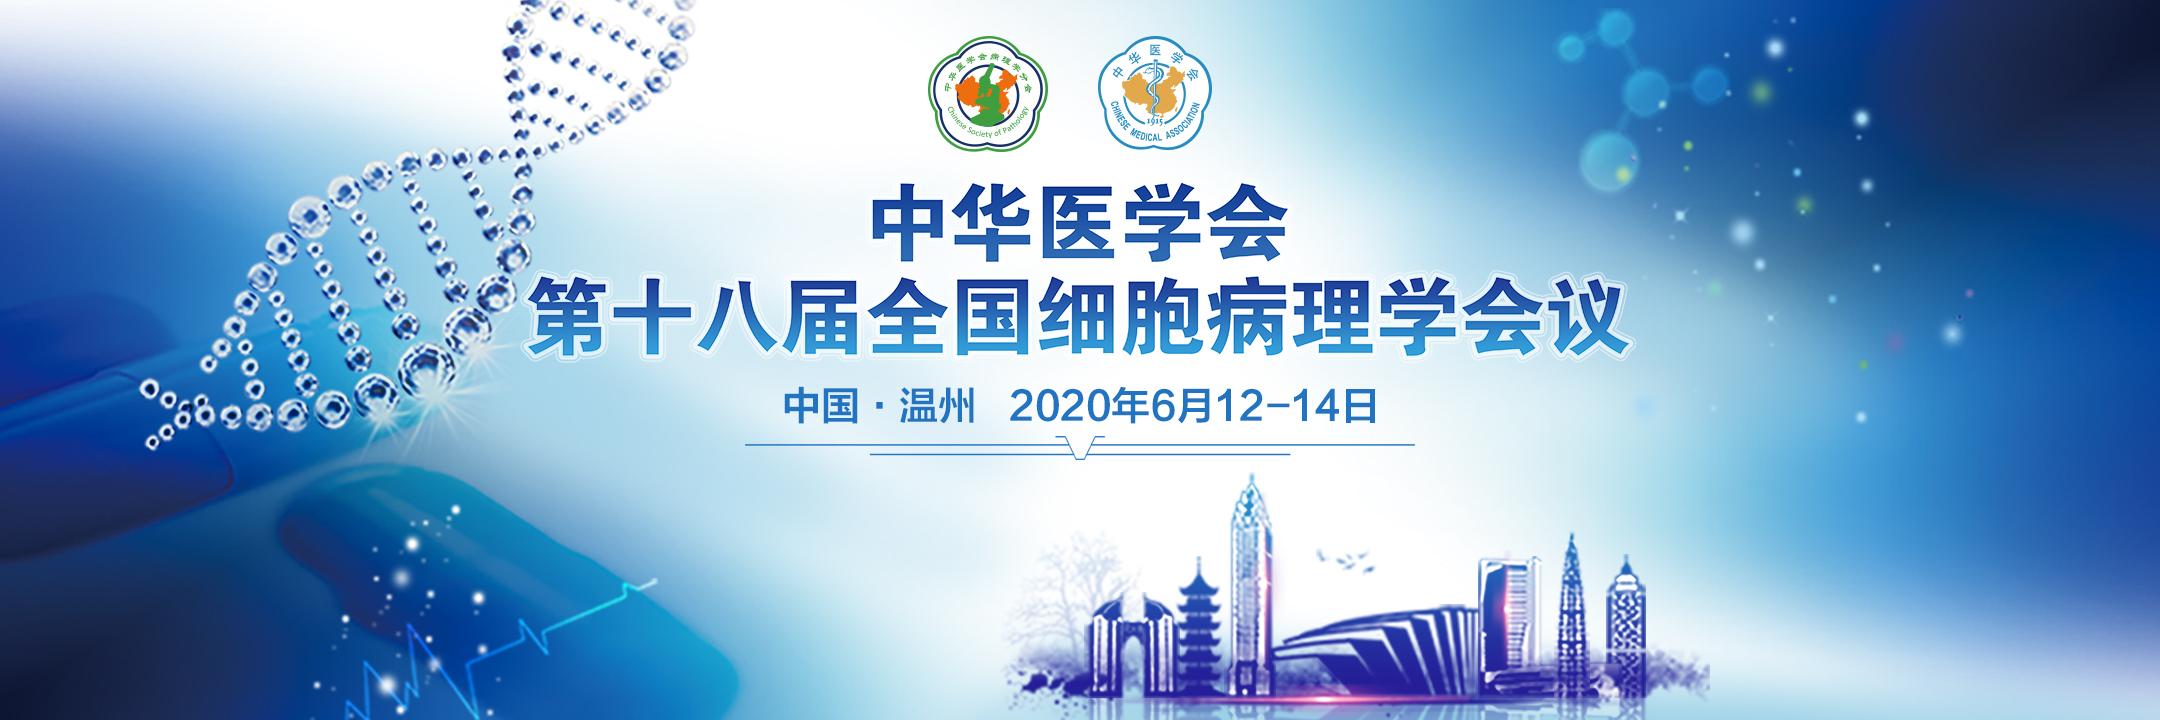 中华医学会第十八届全国细胞病理学会议